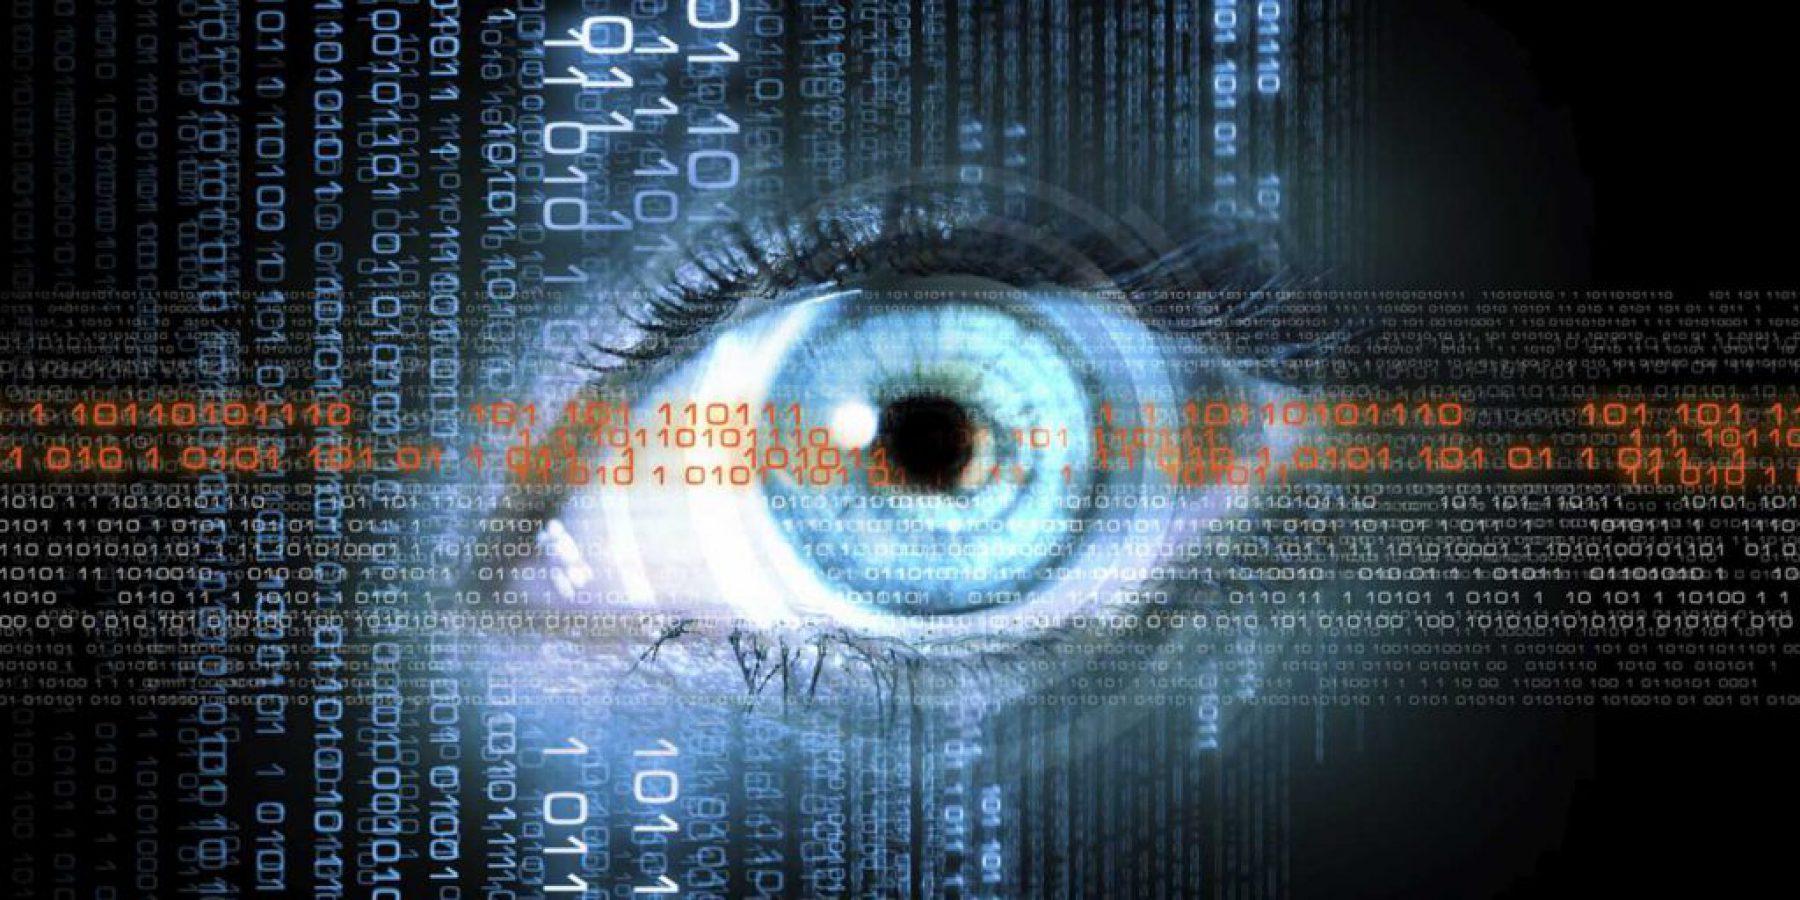 Monitorizare_angajati